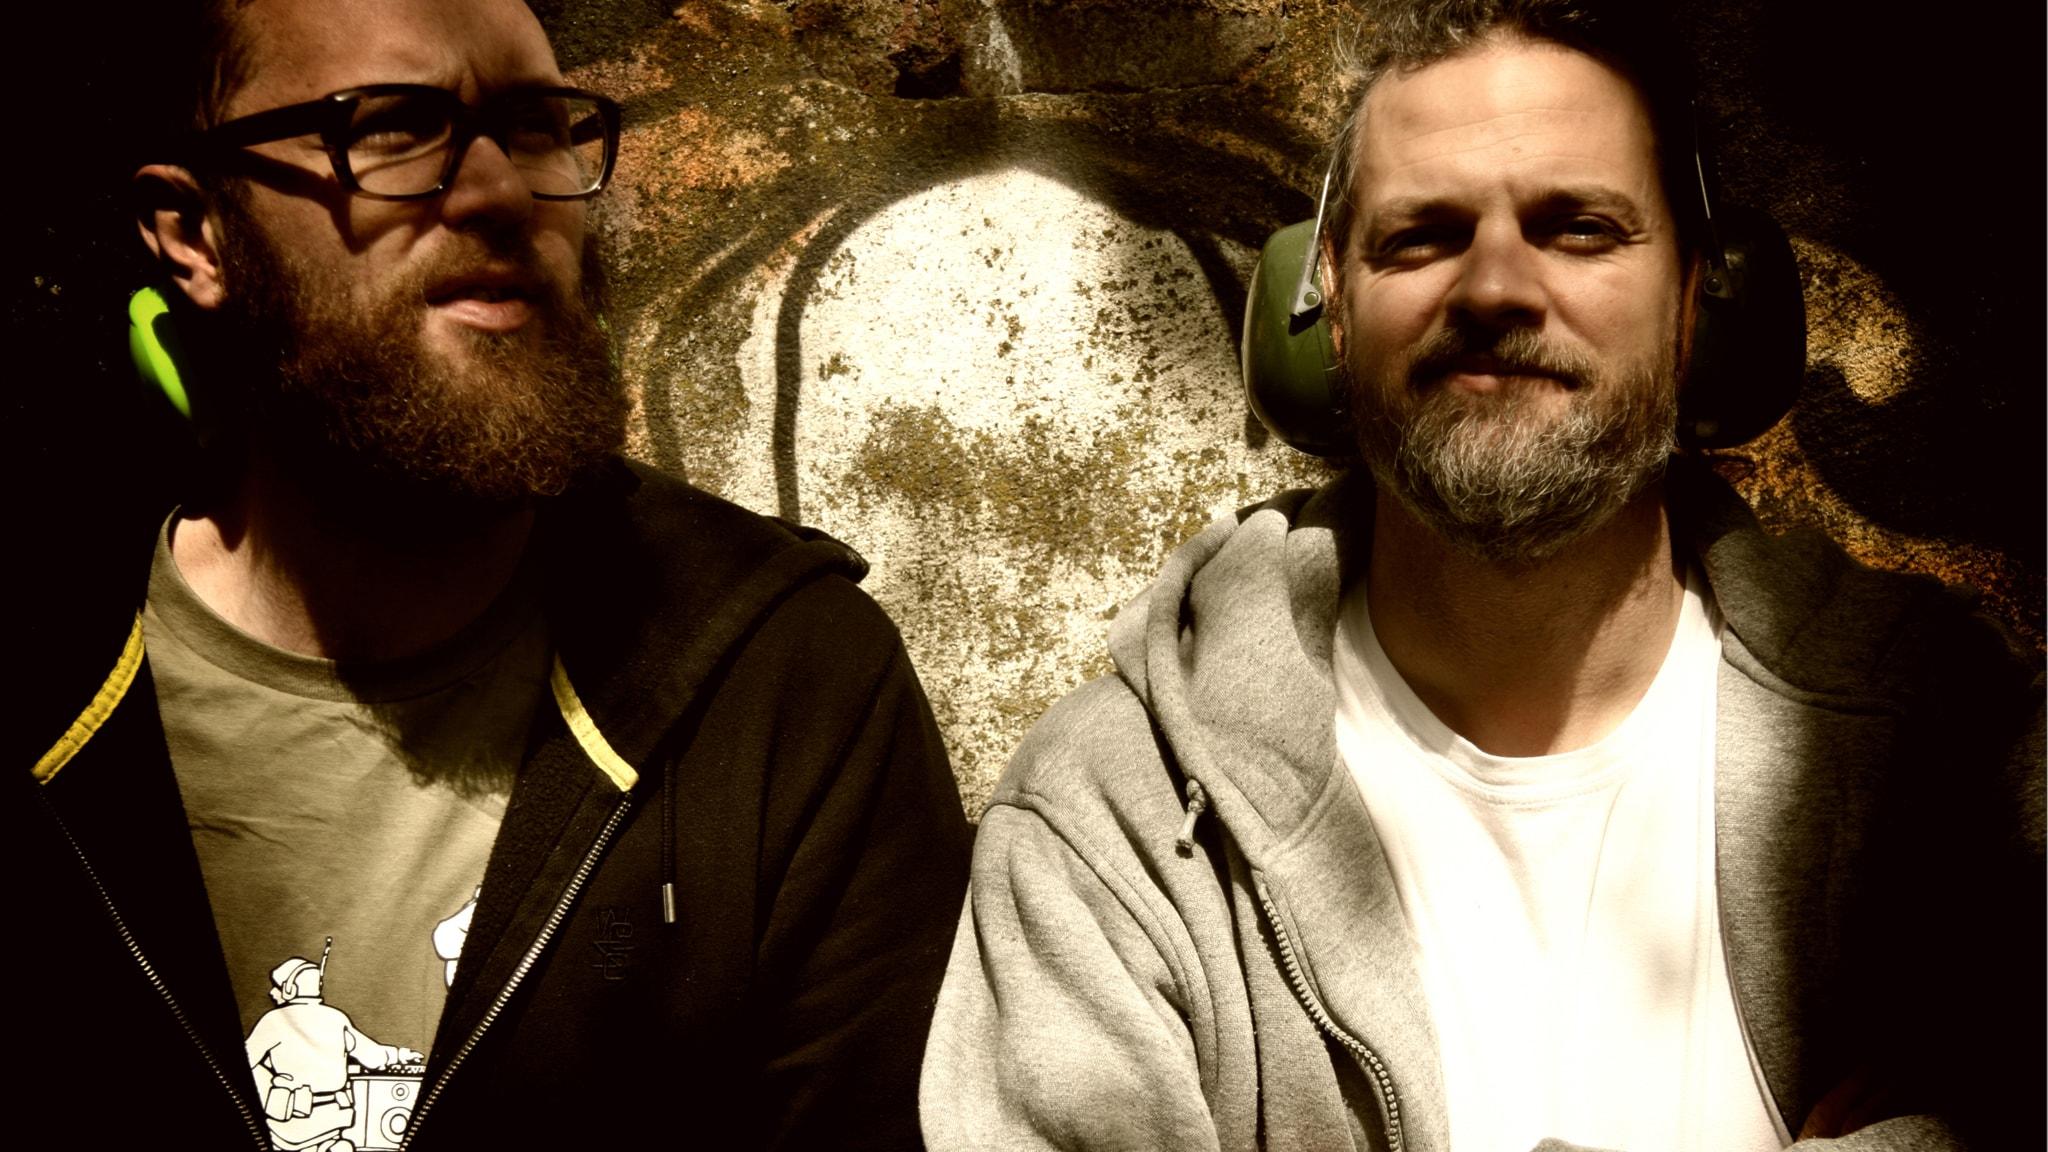 Skånsk reggae och ny schweizisk folkmusik hittar plats i veckans Klingan